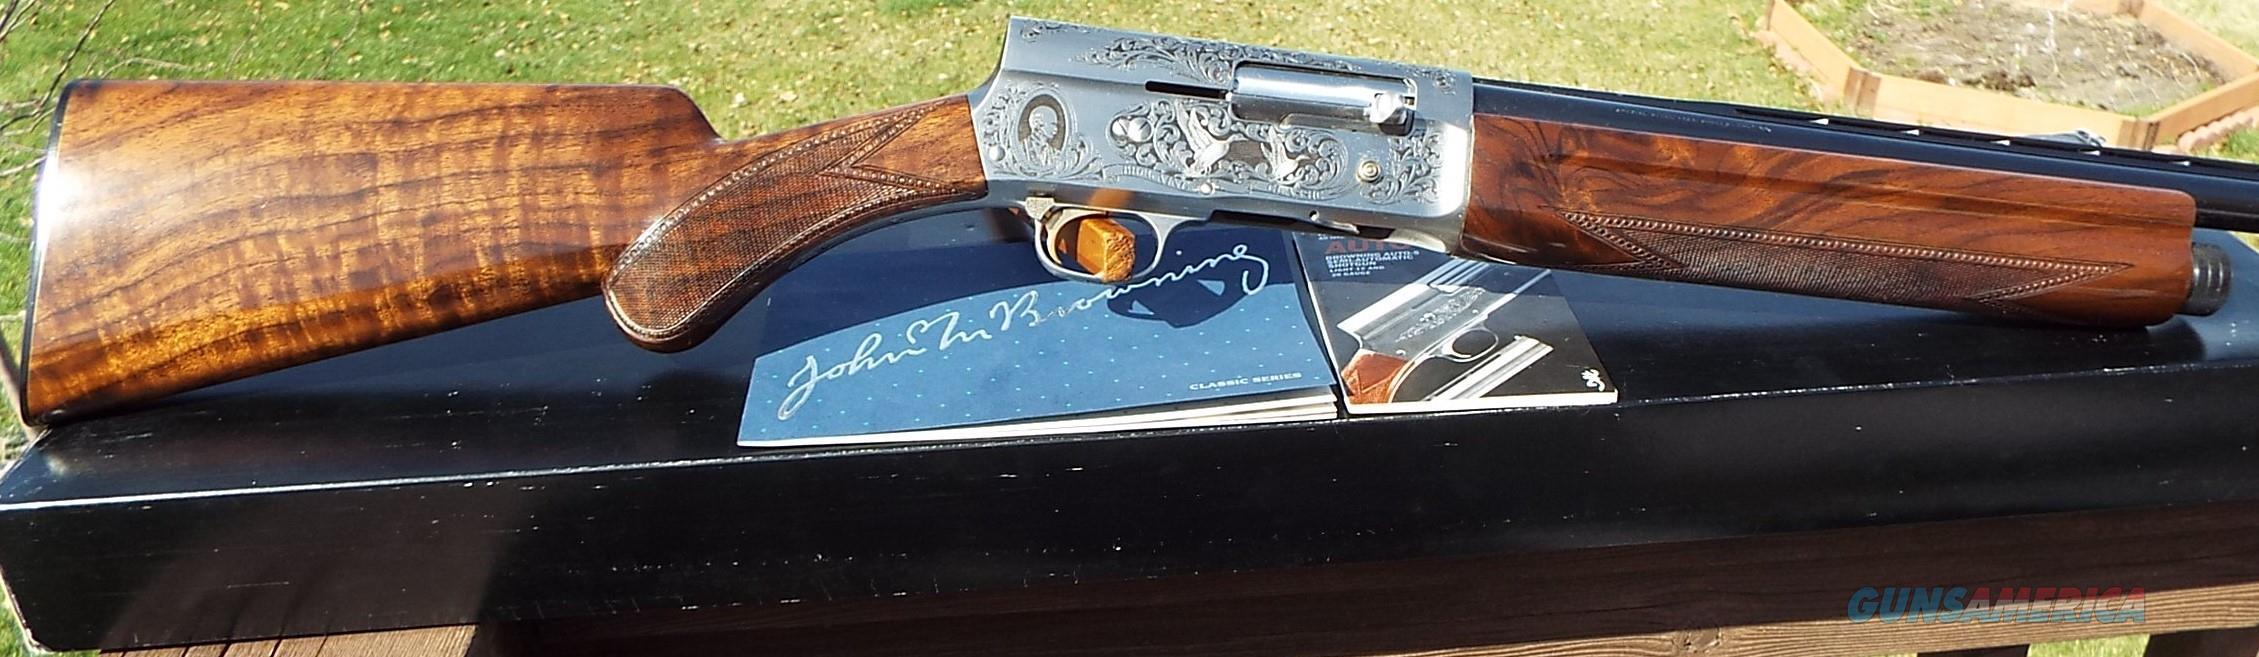 Browning A5 CLASSIC Engraved 12 ga. Box    LAYAWAY OPTION  Guns > Shotguns > Browning Shotguns > Autoloaders > Hunting